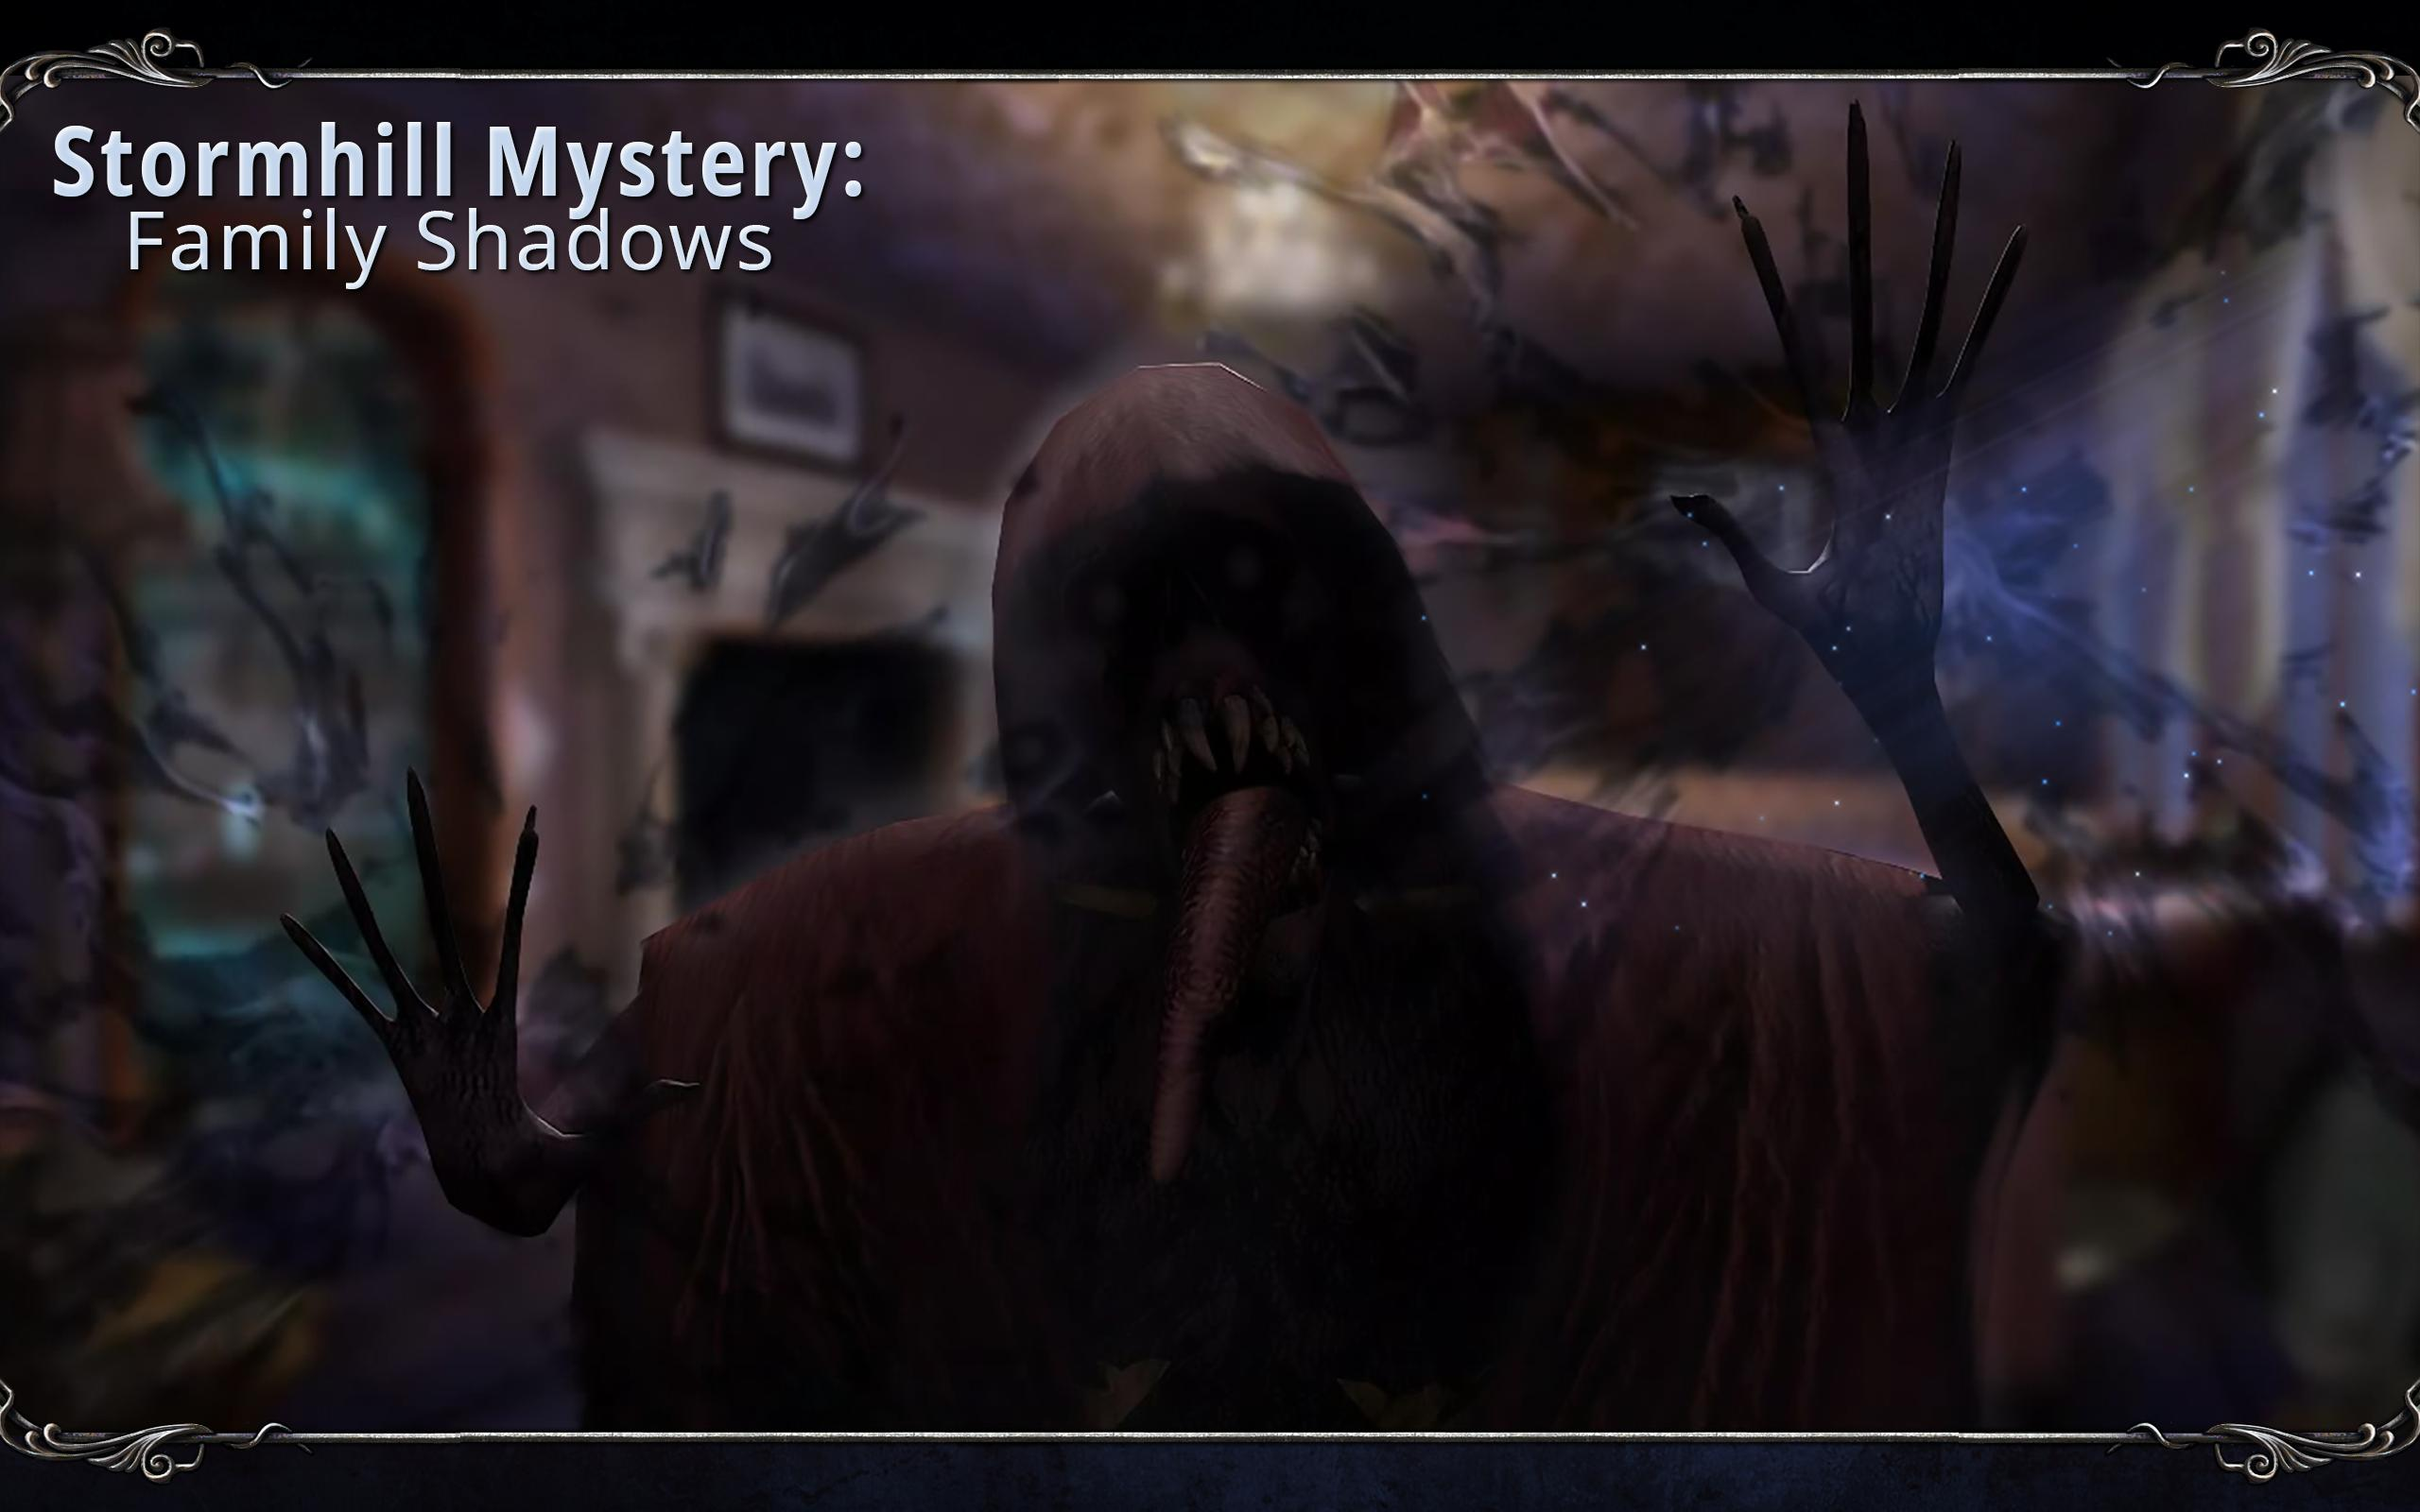 Stormhill Mystery: Family Shadows 1.1 Screenshot 11